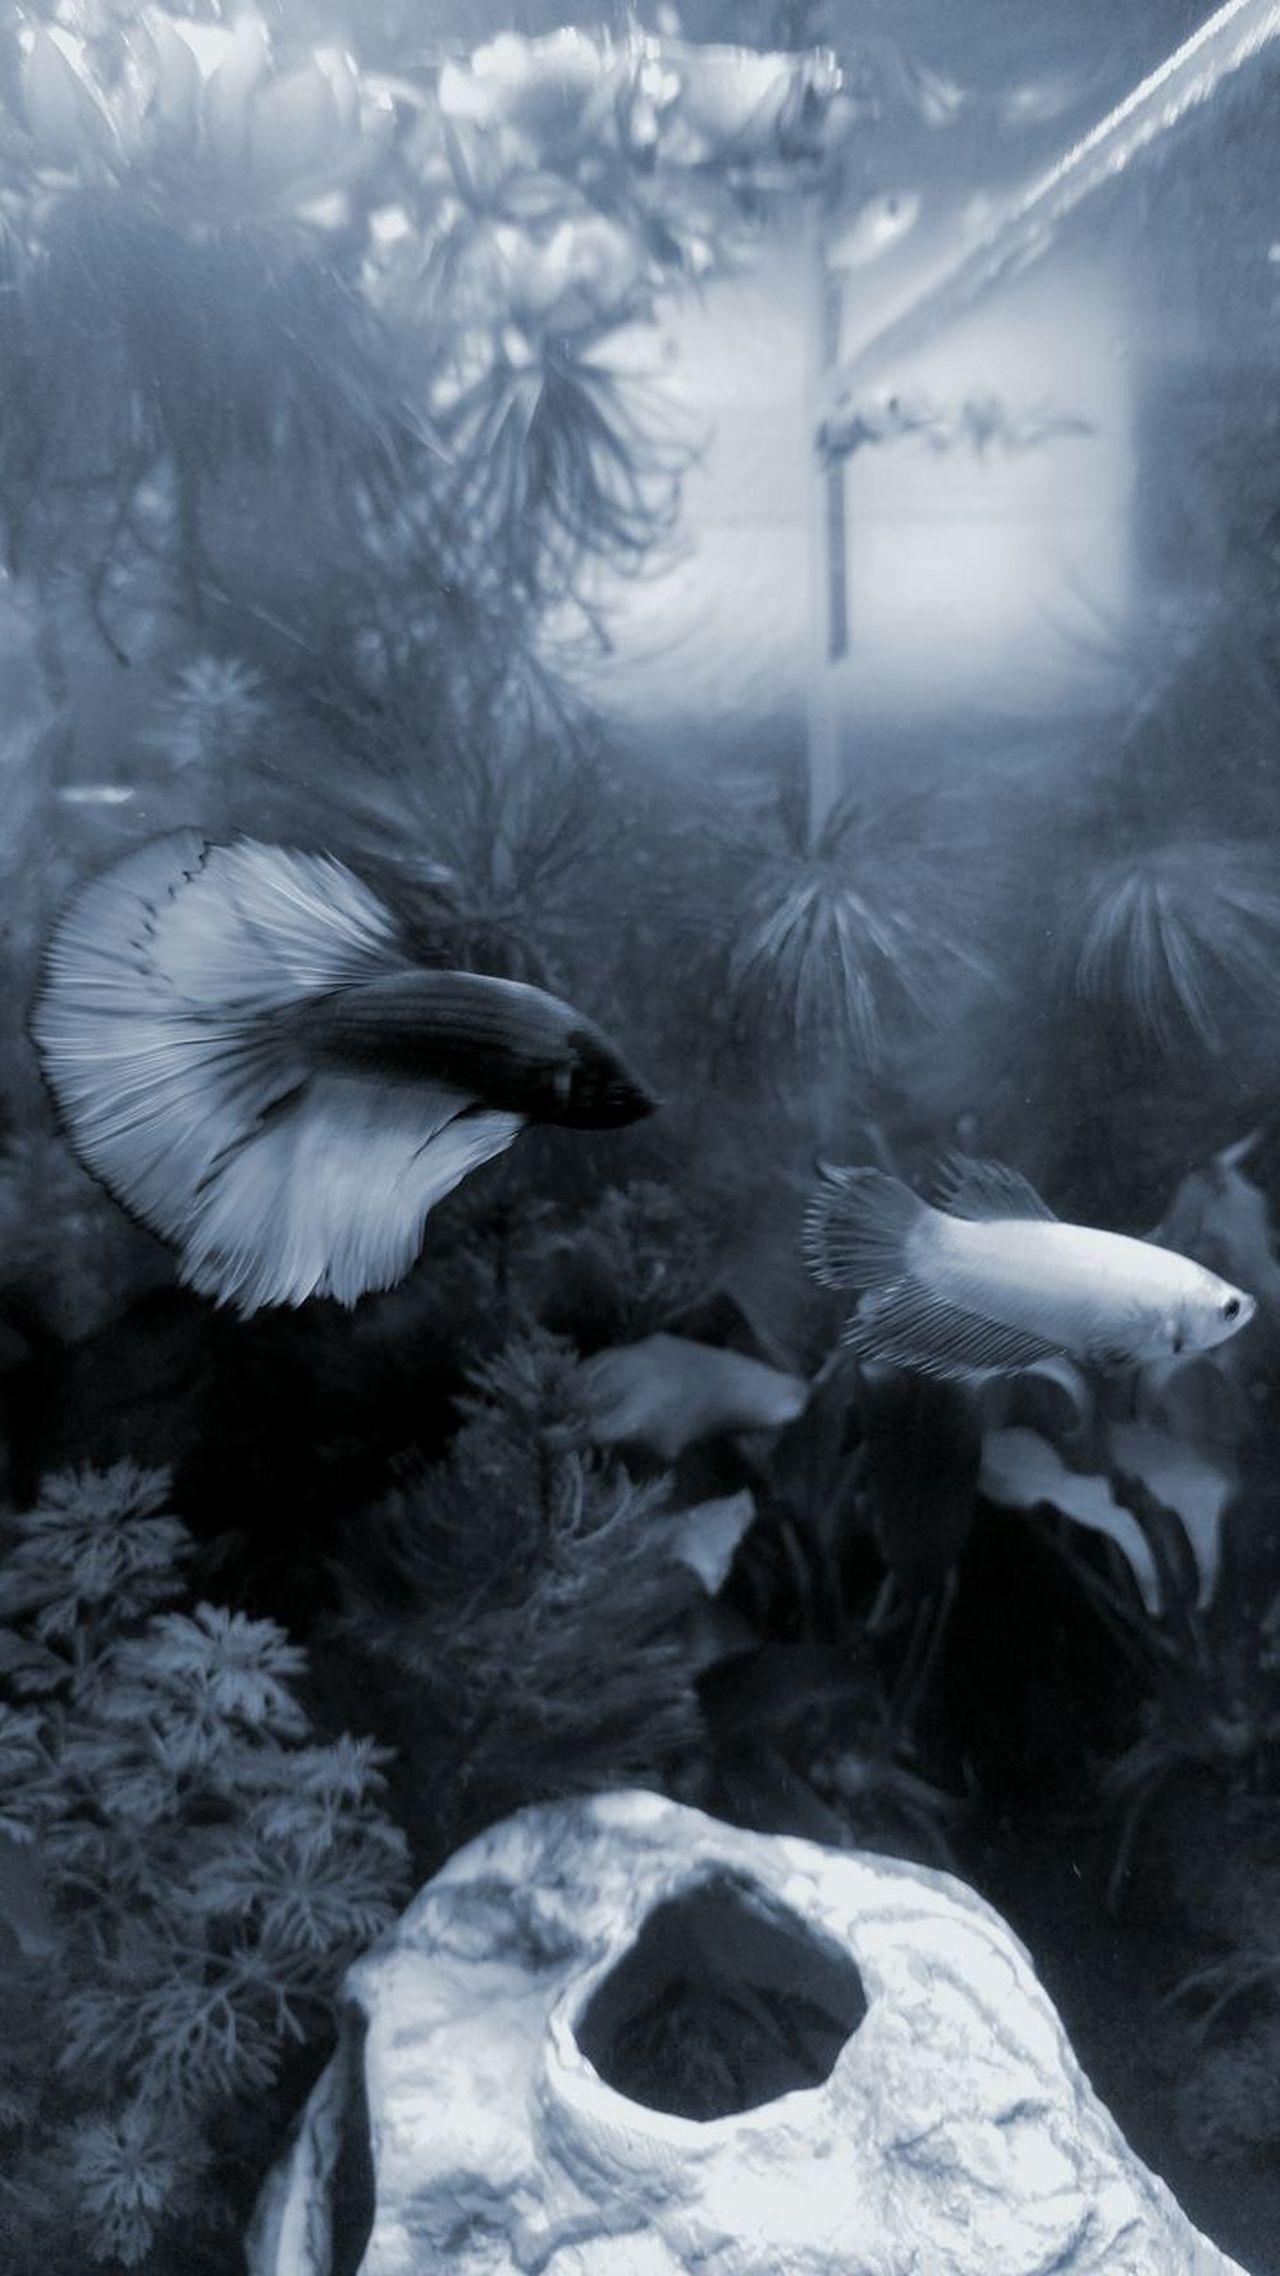 Underwater Nature Swimming Water Beauty In Nature Animal No People Bettasplendens Pairs Beauty In Nature Aquarium Life EyeEmNewHere Fighting Fish Underwater World Aquarium Pets Swimming Fish Animal Themes